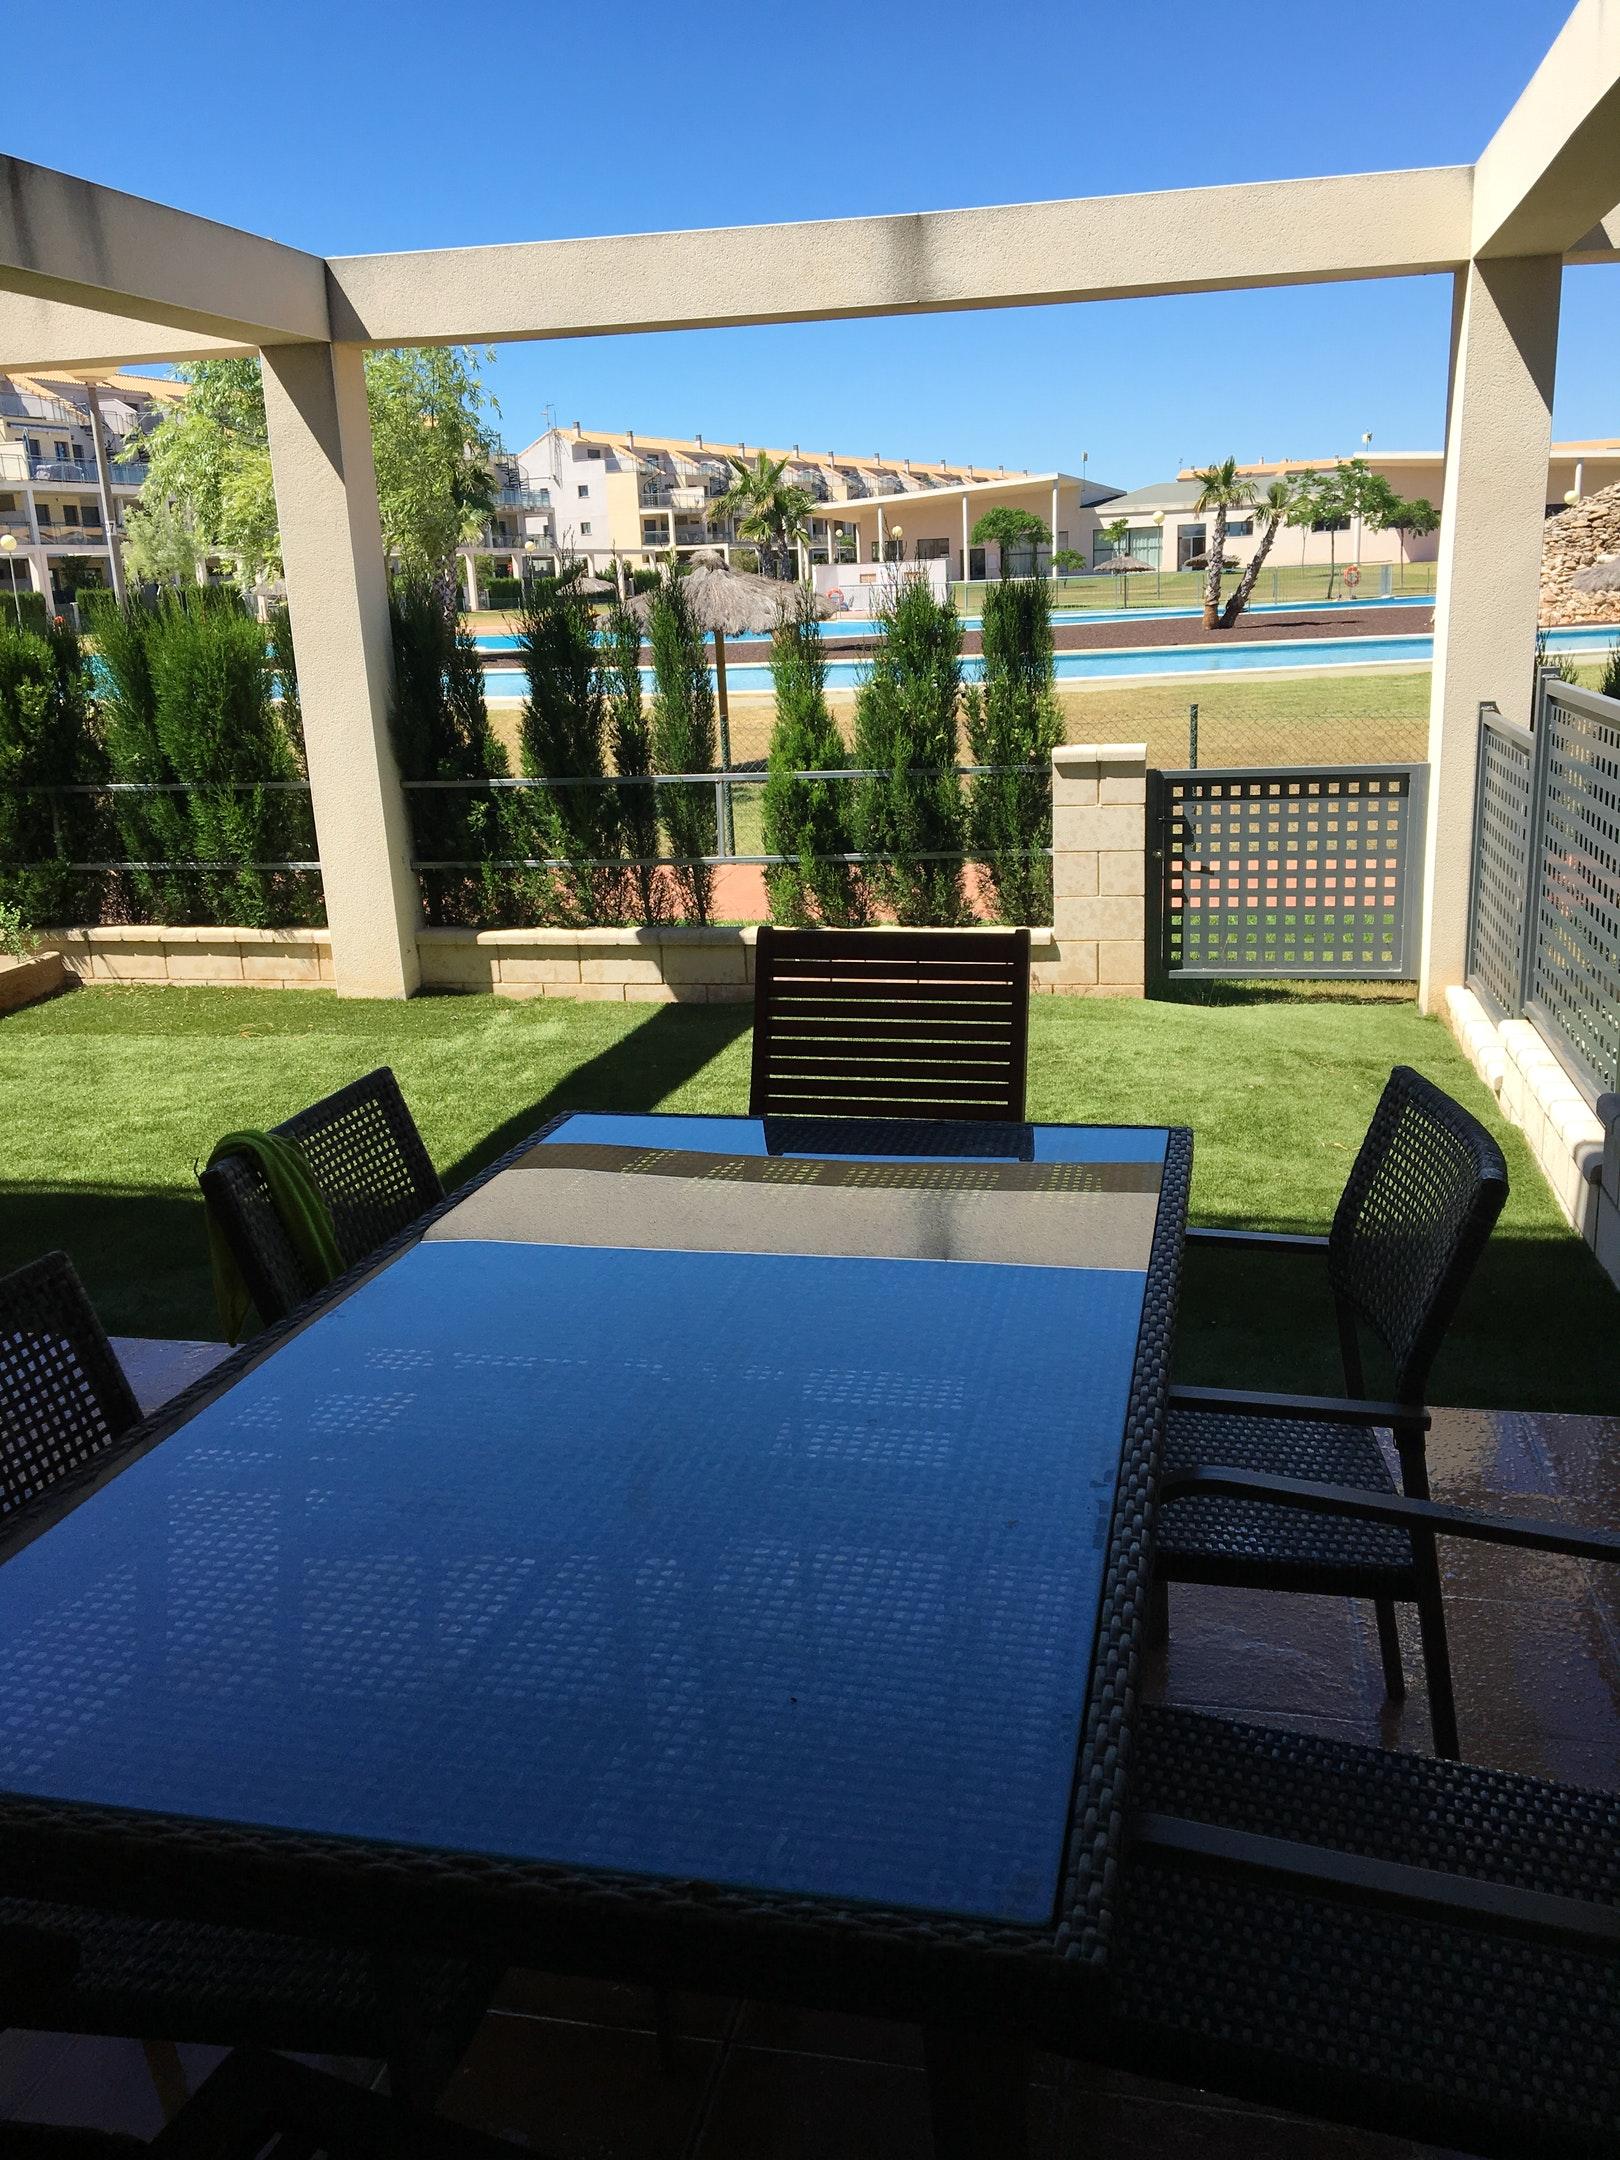 Ferienwohnung Wohnung mit 2 Schlafzimmern in San Jordi mit Pool, möblierter Terrasse und W-LAN - 25 km v (2218181), San Jorge, Provinz Castellón, Valencia, Spanien, Bild 6